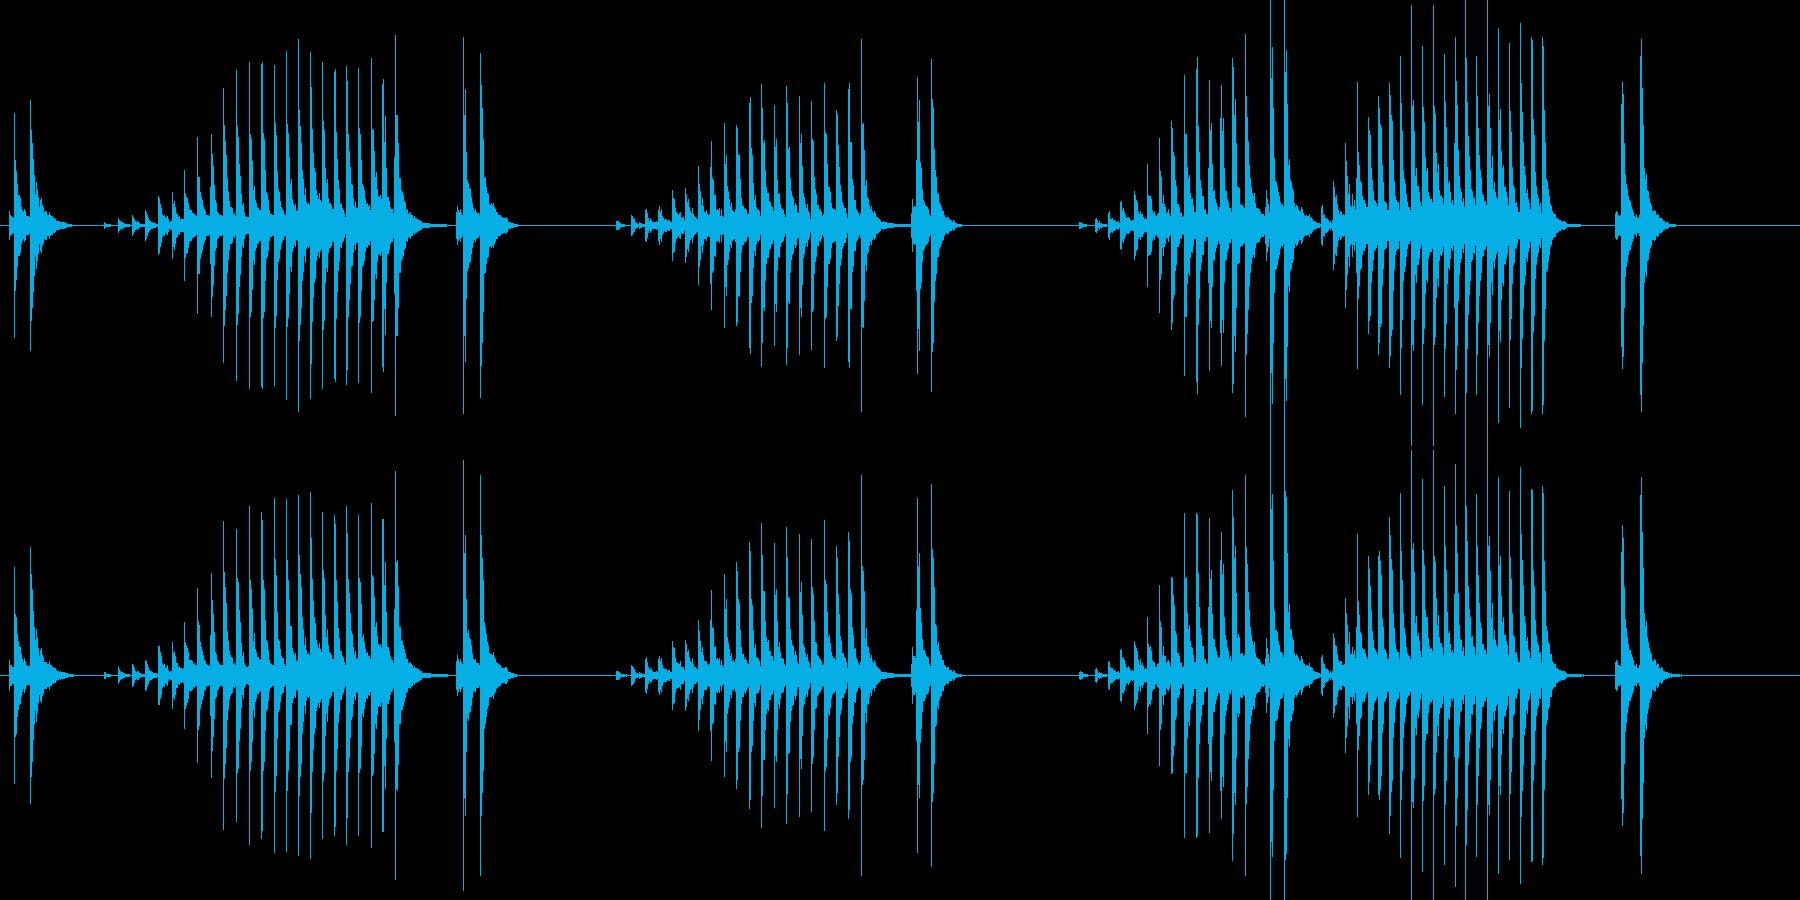 大太鼓19波音歌舞伎情景描写和風和太鼓江の再生済みの波形